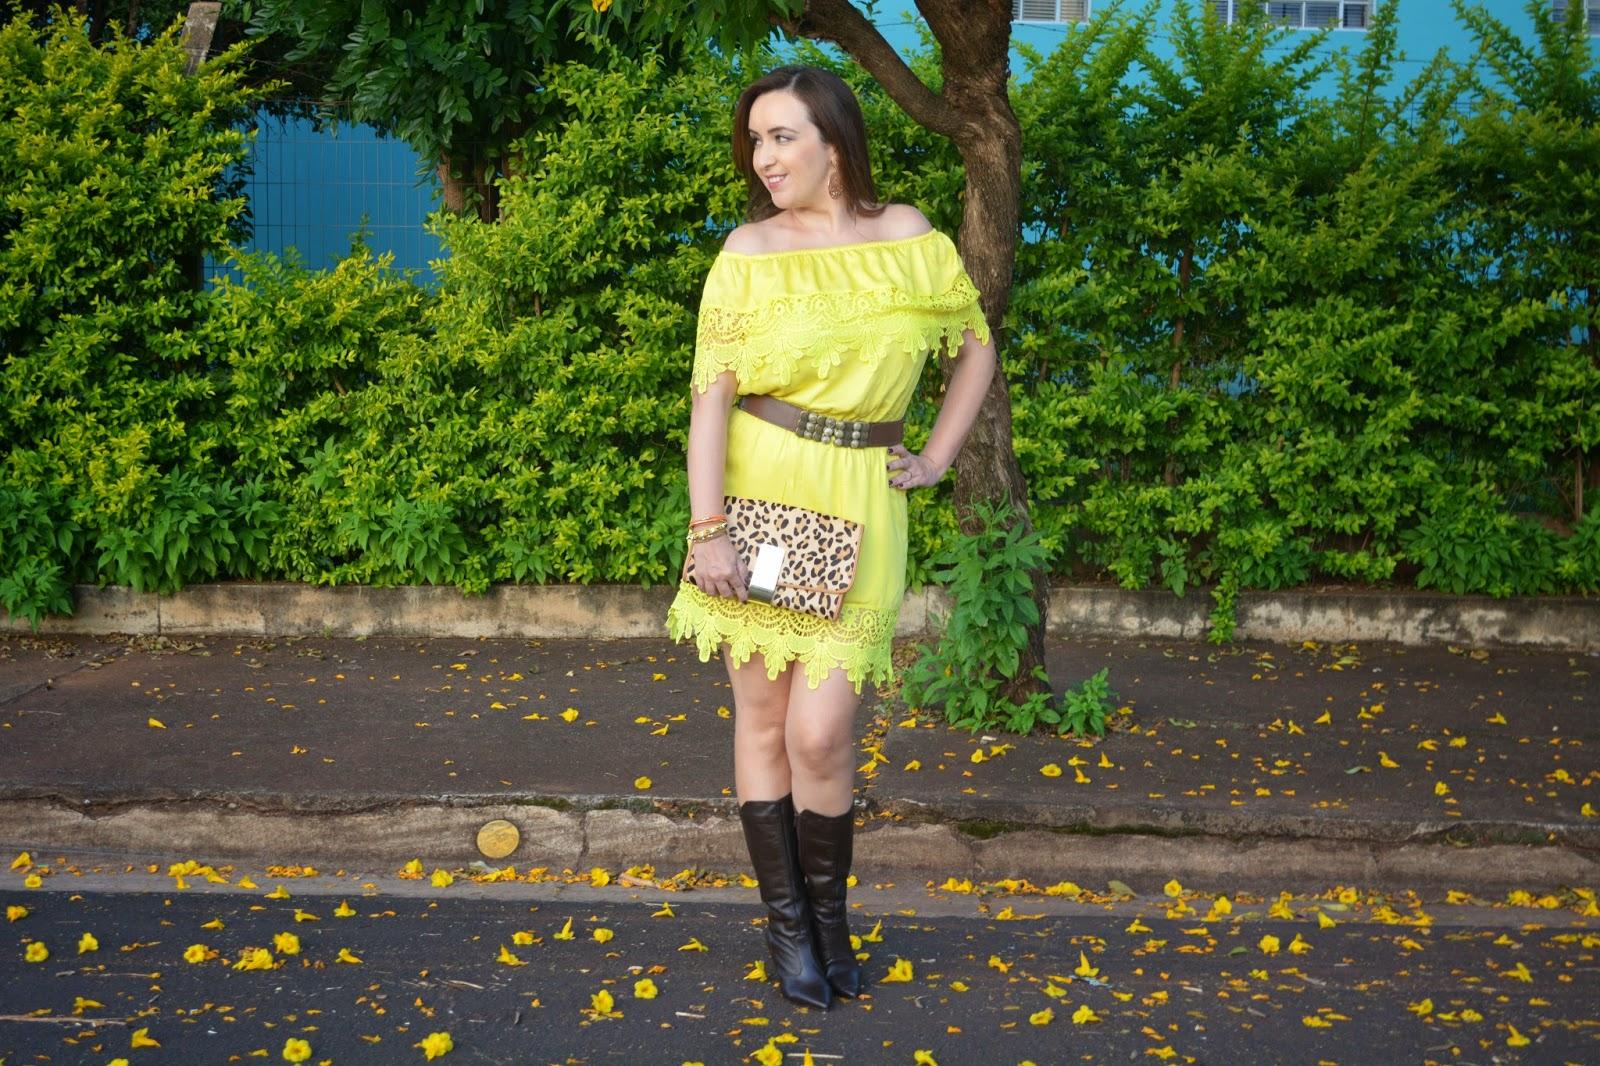 vestido amarelo de renda tomara que caia, vestido amarelo para o outono, bota cano alto, clutch onça, look do dia, outono 2015, blog camila andrade, blog de moda em ribeirão preto, fashion blogger em ribeirão preto, villa lilla